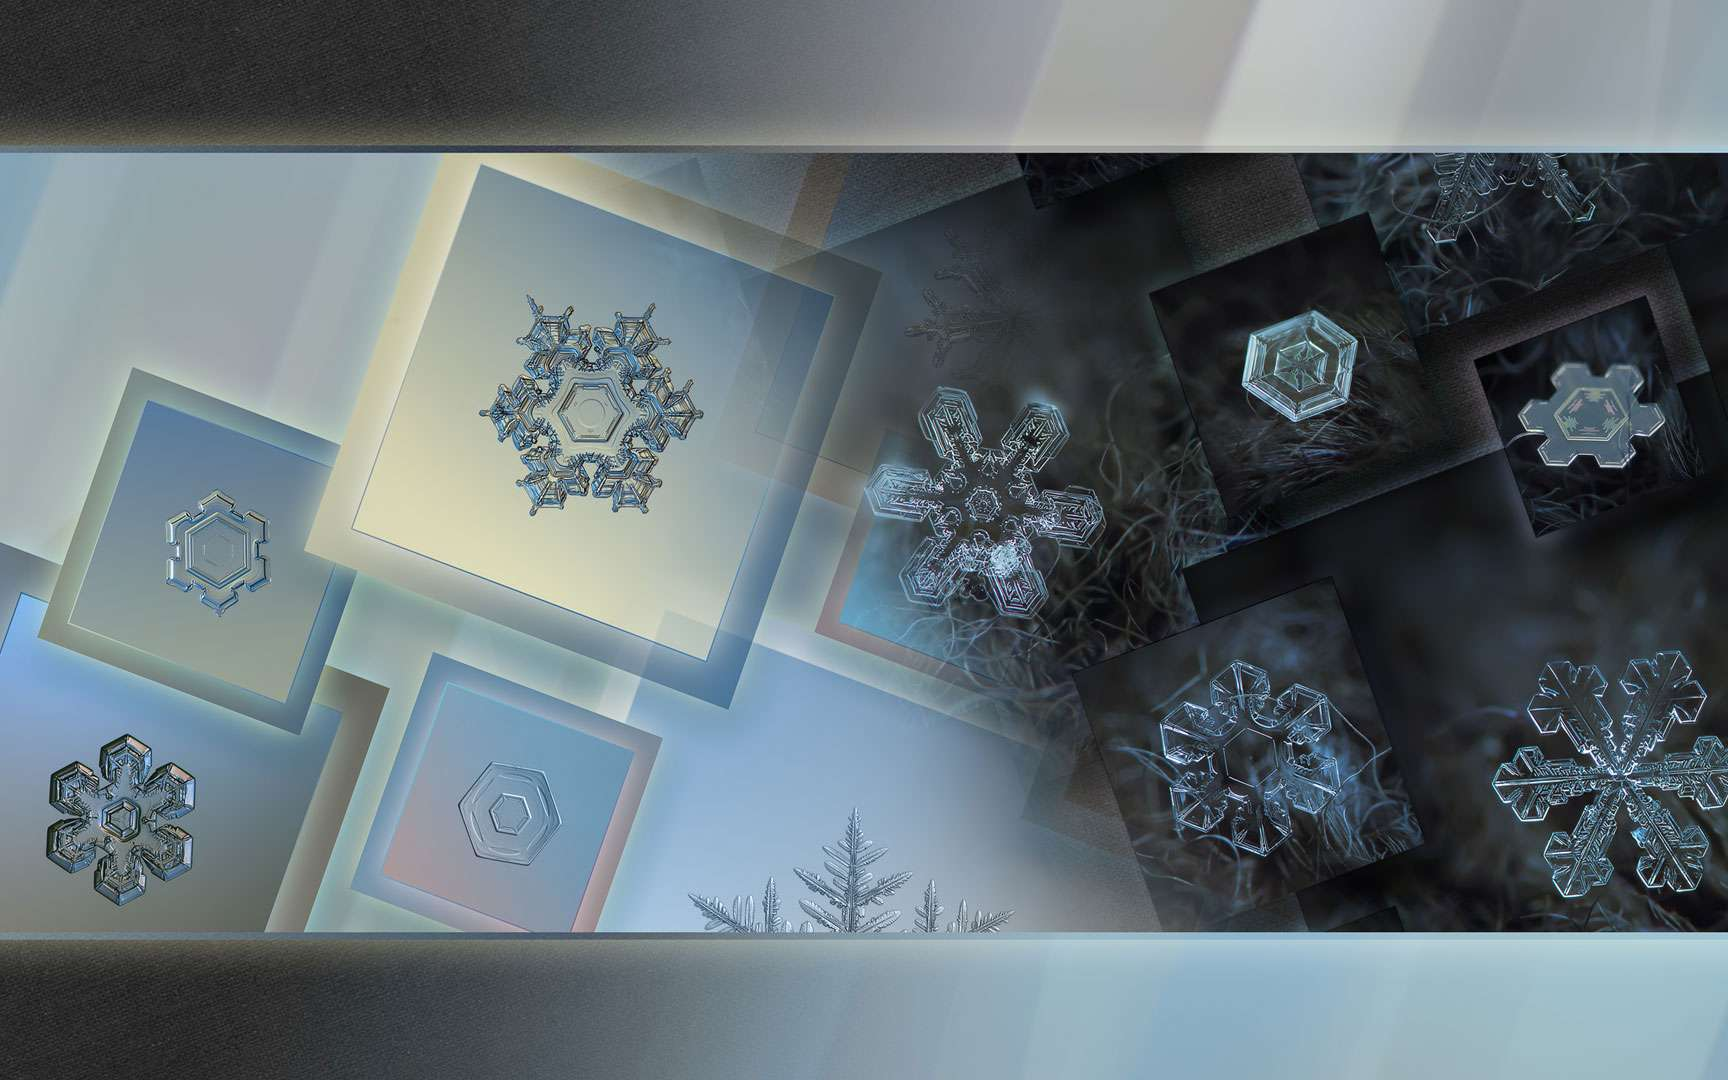 Le photographe russe Alexey Kjatov aime offrir à notre regard les flocons de neige qu'il immortalise de bien belle manière grâce à ses connaissances en macrophotographie. Il apprécie également de regrouper certains de ses clichés au sein de ce que l'on peut alors réellement nommer des œuvres d'art. Comme ce fond d'écran qu'il a poétiquement baptisé : «Aube».On y retrouve des flocons de neige de formes variées et mis en valeur par des éclairages spécialement choisis pour souligner la magie qui en émane.© Olga & Alexey, Flickr, CC by-nc 2.0